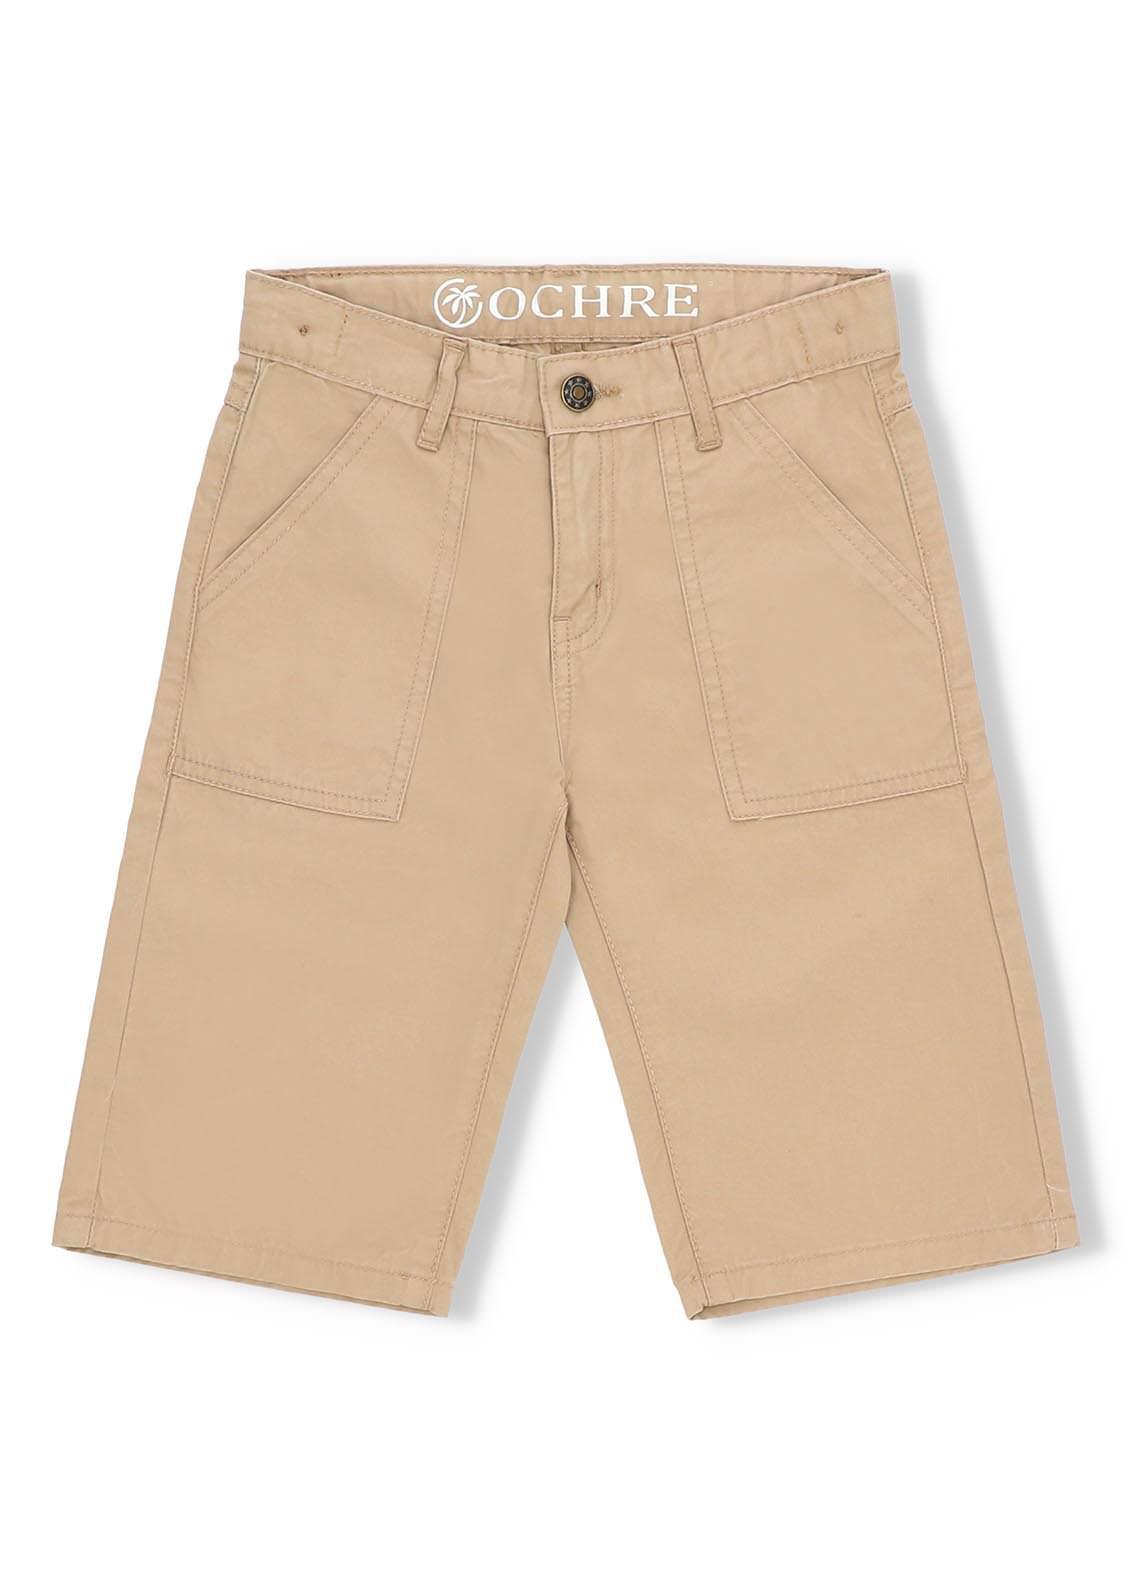 Ochre Denim  Short for Boys -  ODB-15 Beige